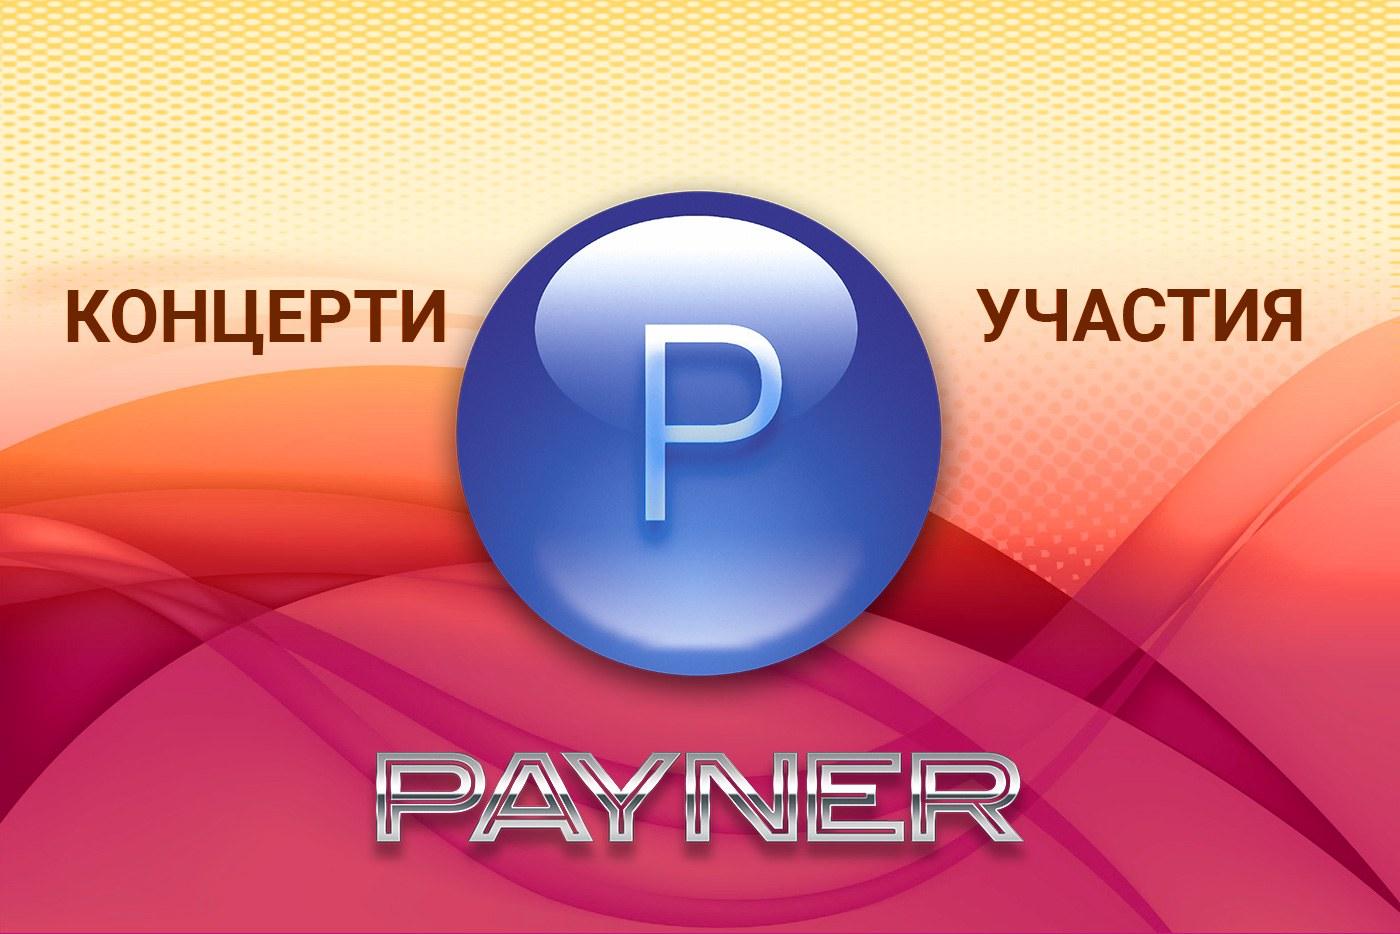 """Участия на звездите на """"Пайнер"""" на 19.01.2019"""